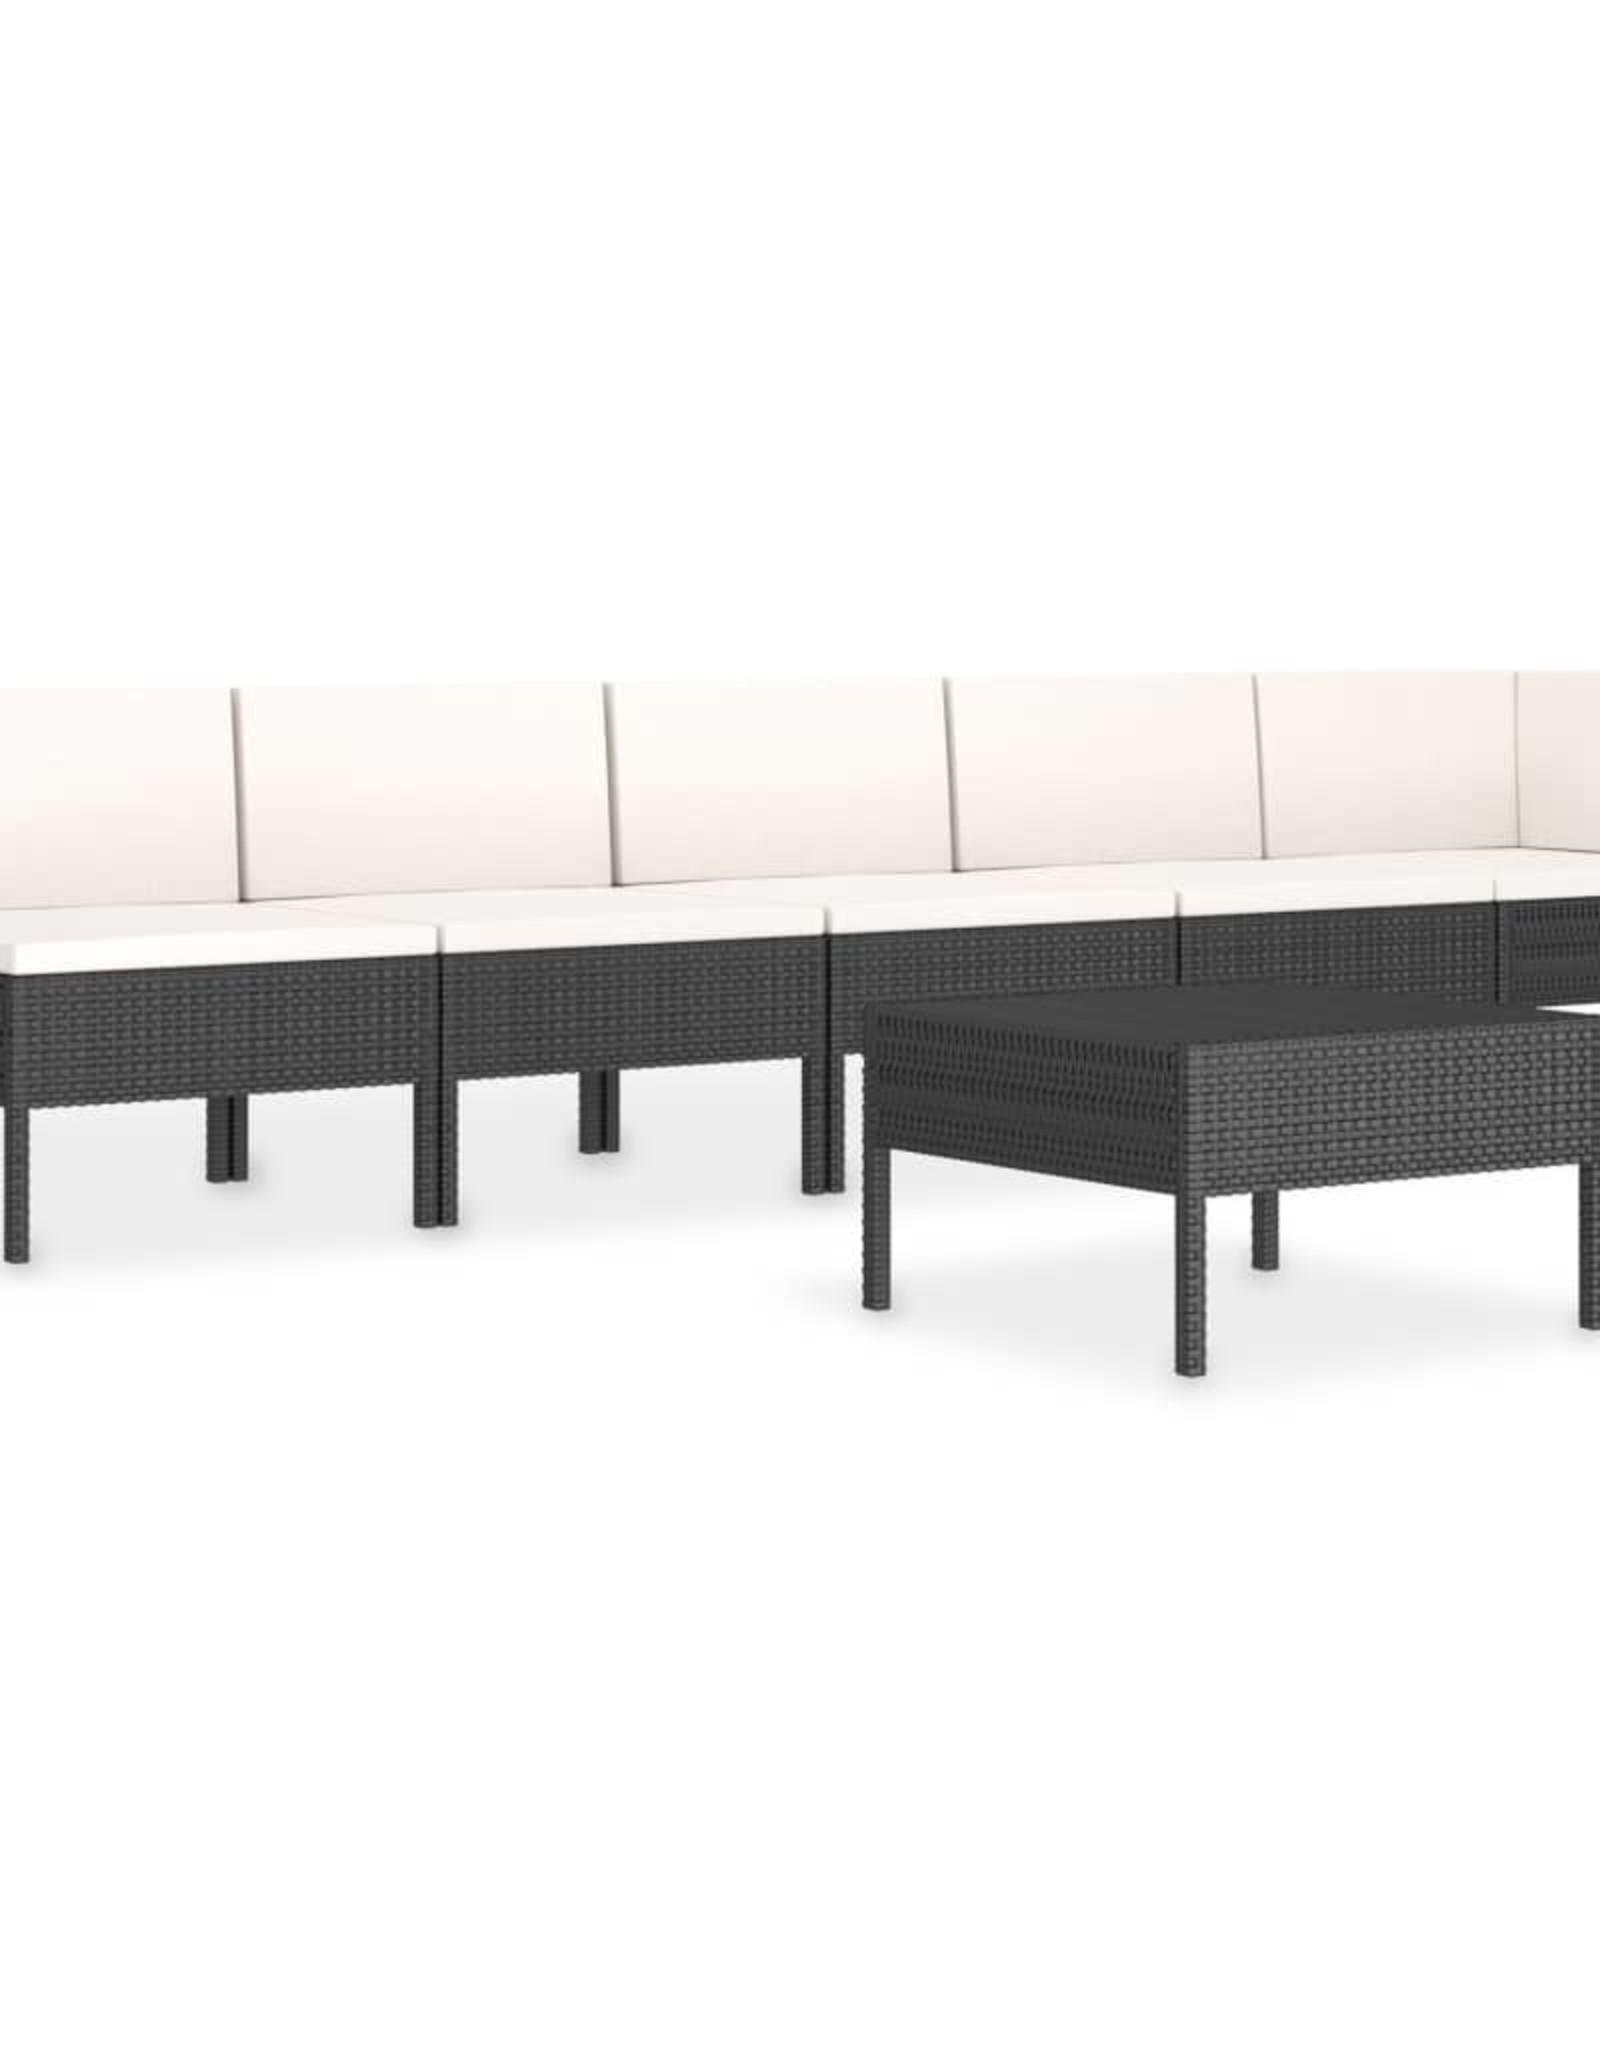 6-delige Loungeset met kussens poly rattan zwart